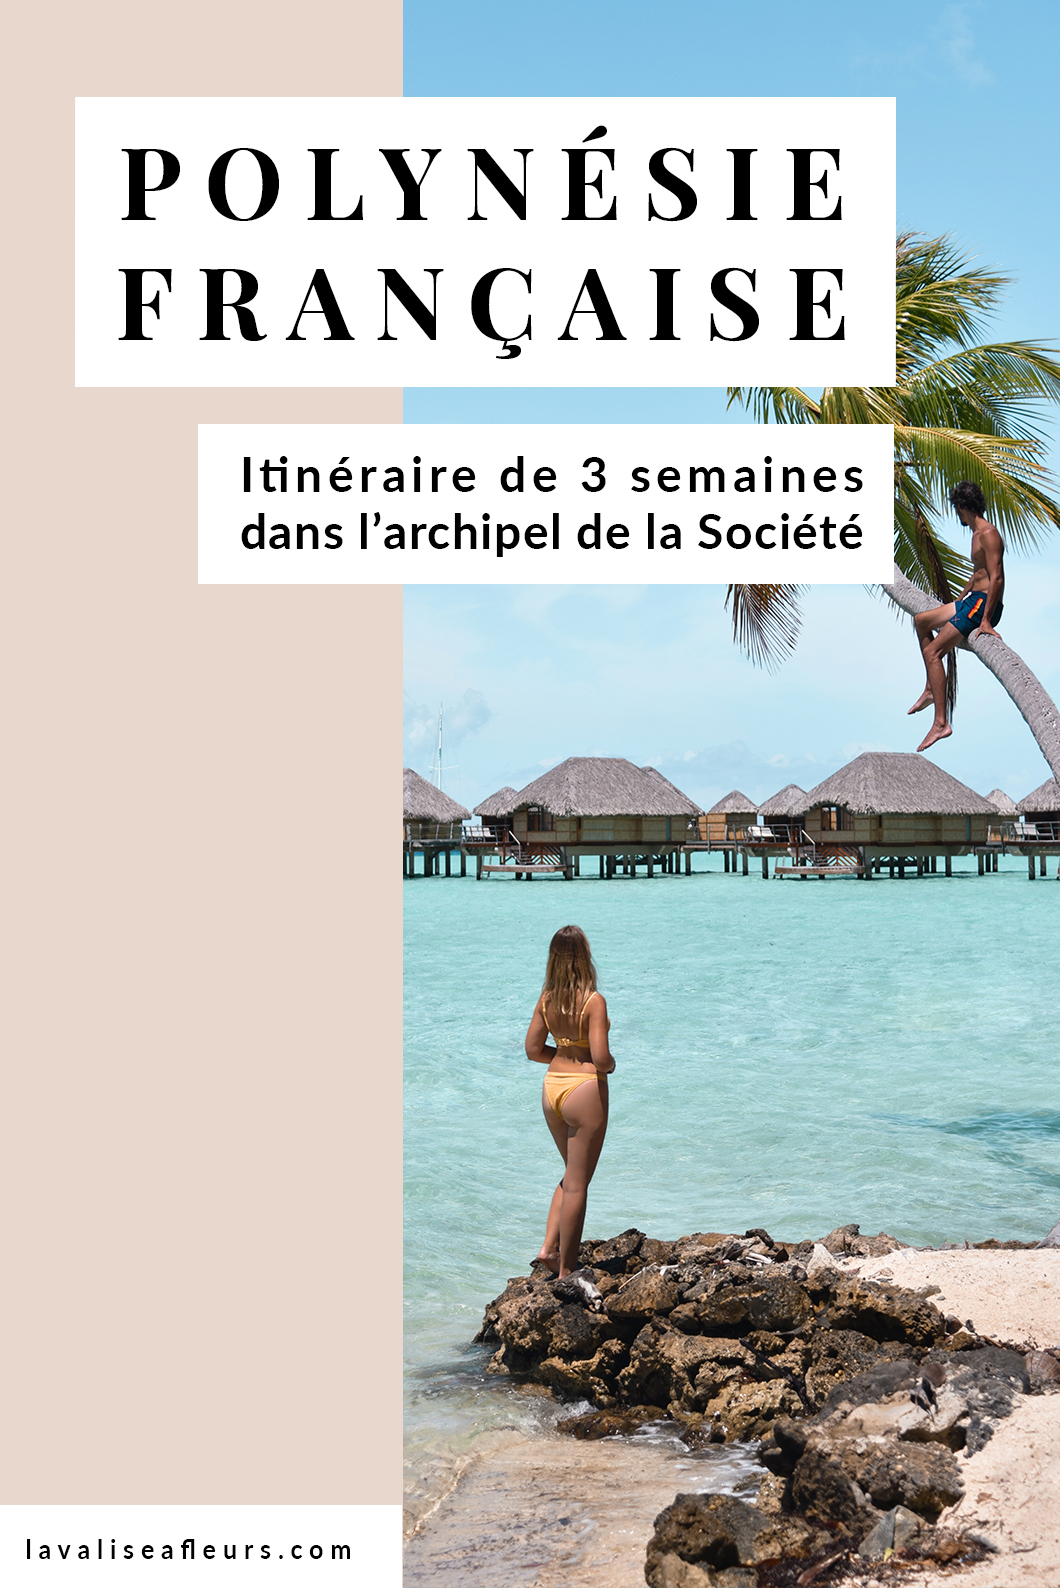 Itinéraire de 3 semaines en Polynésie Française dans l'archipel de la Société